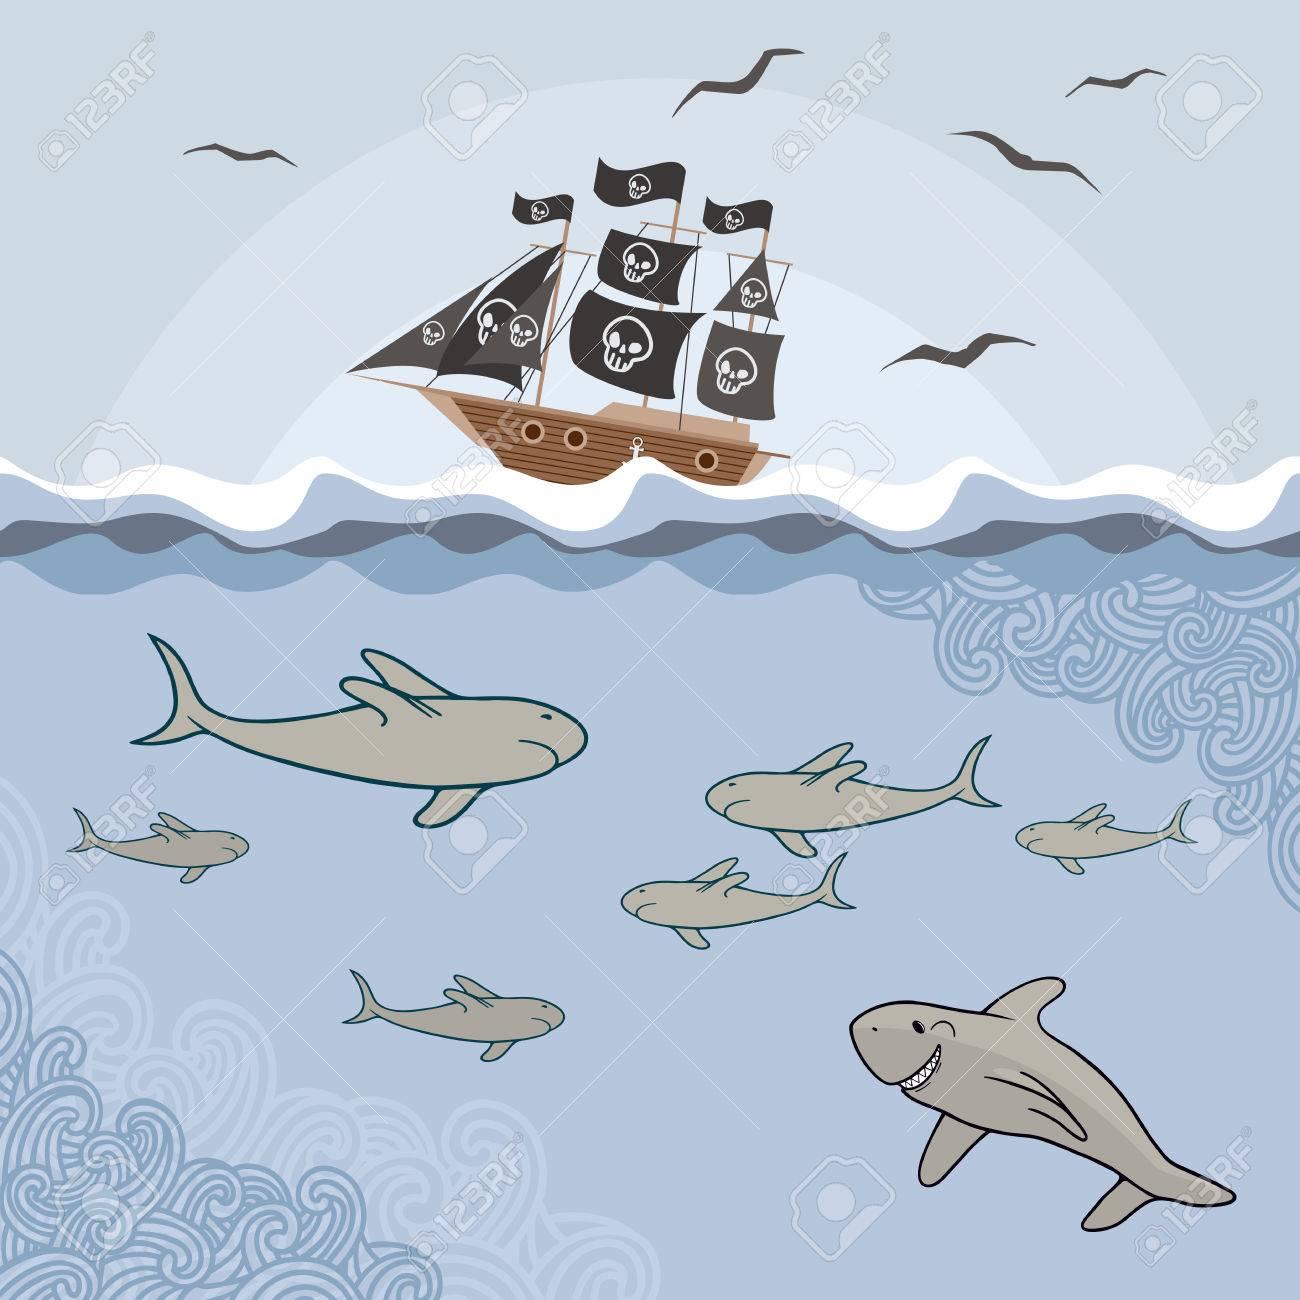 Plantilla Con Tiburones De Dibujos Animados, Las Olas Y La ...